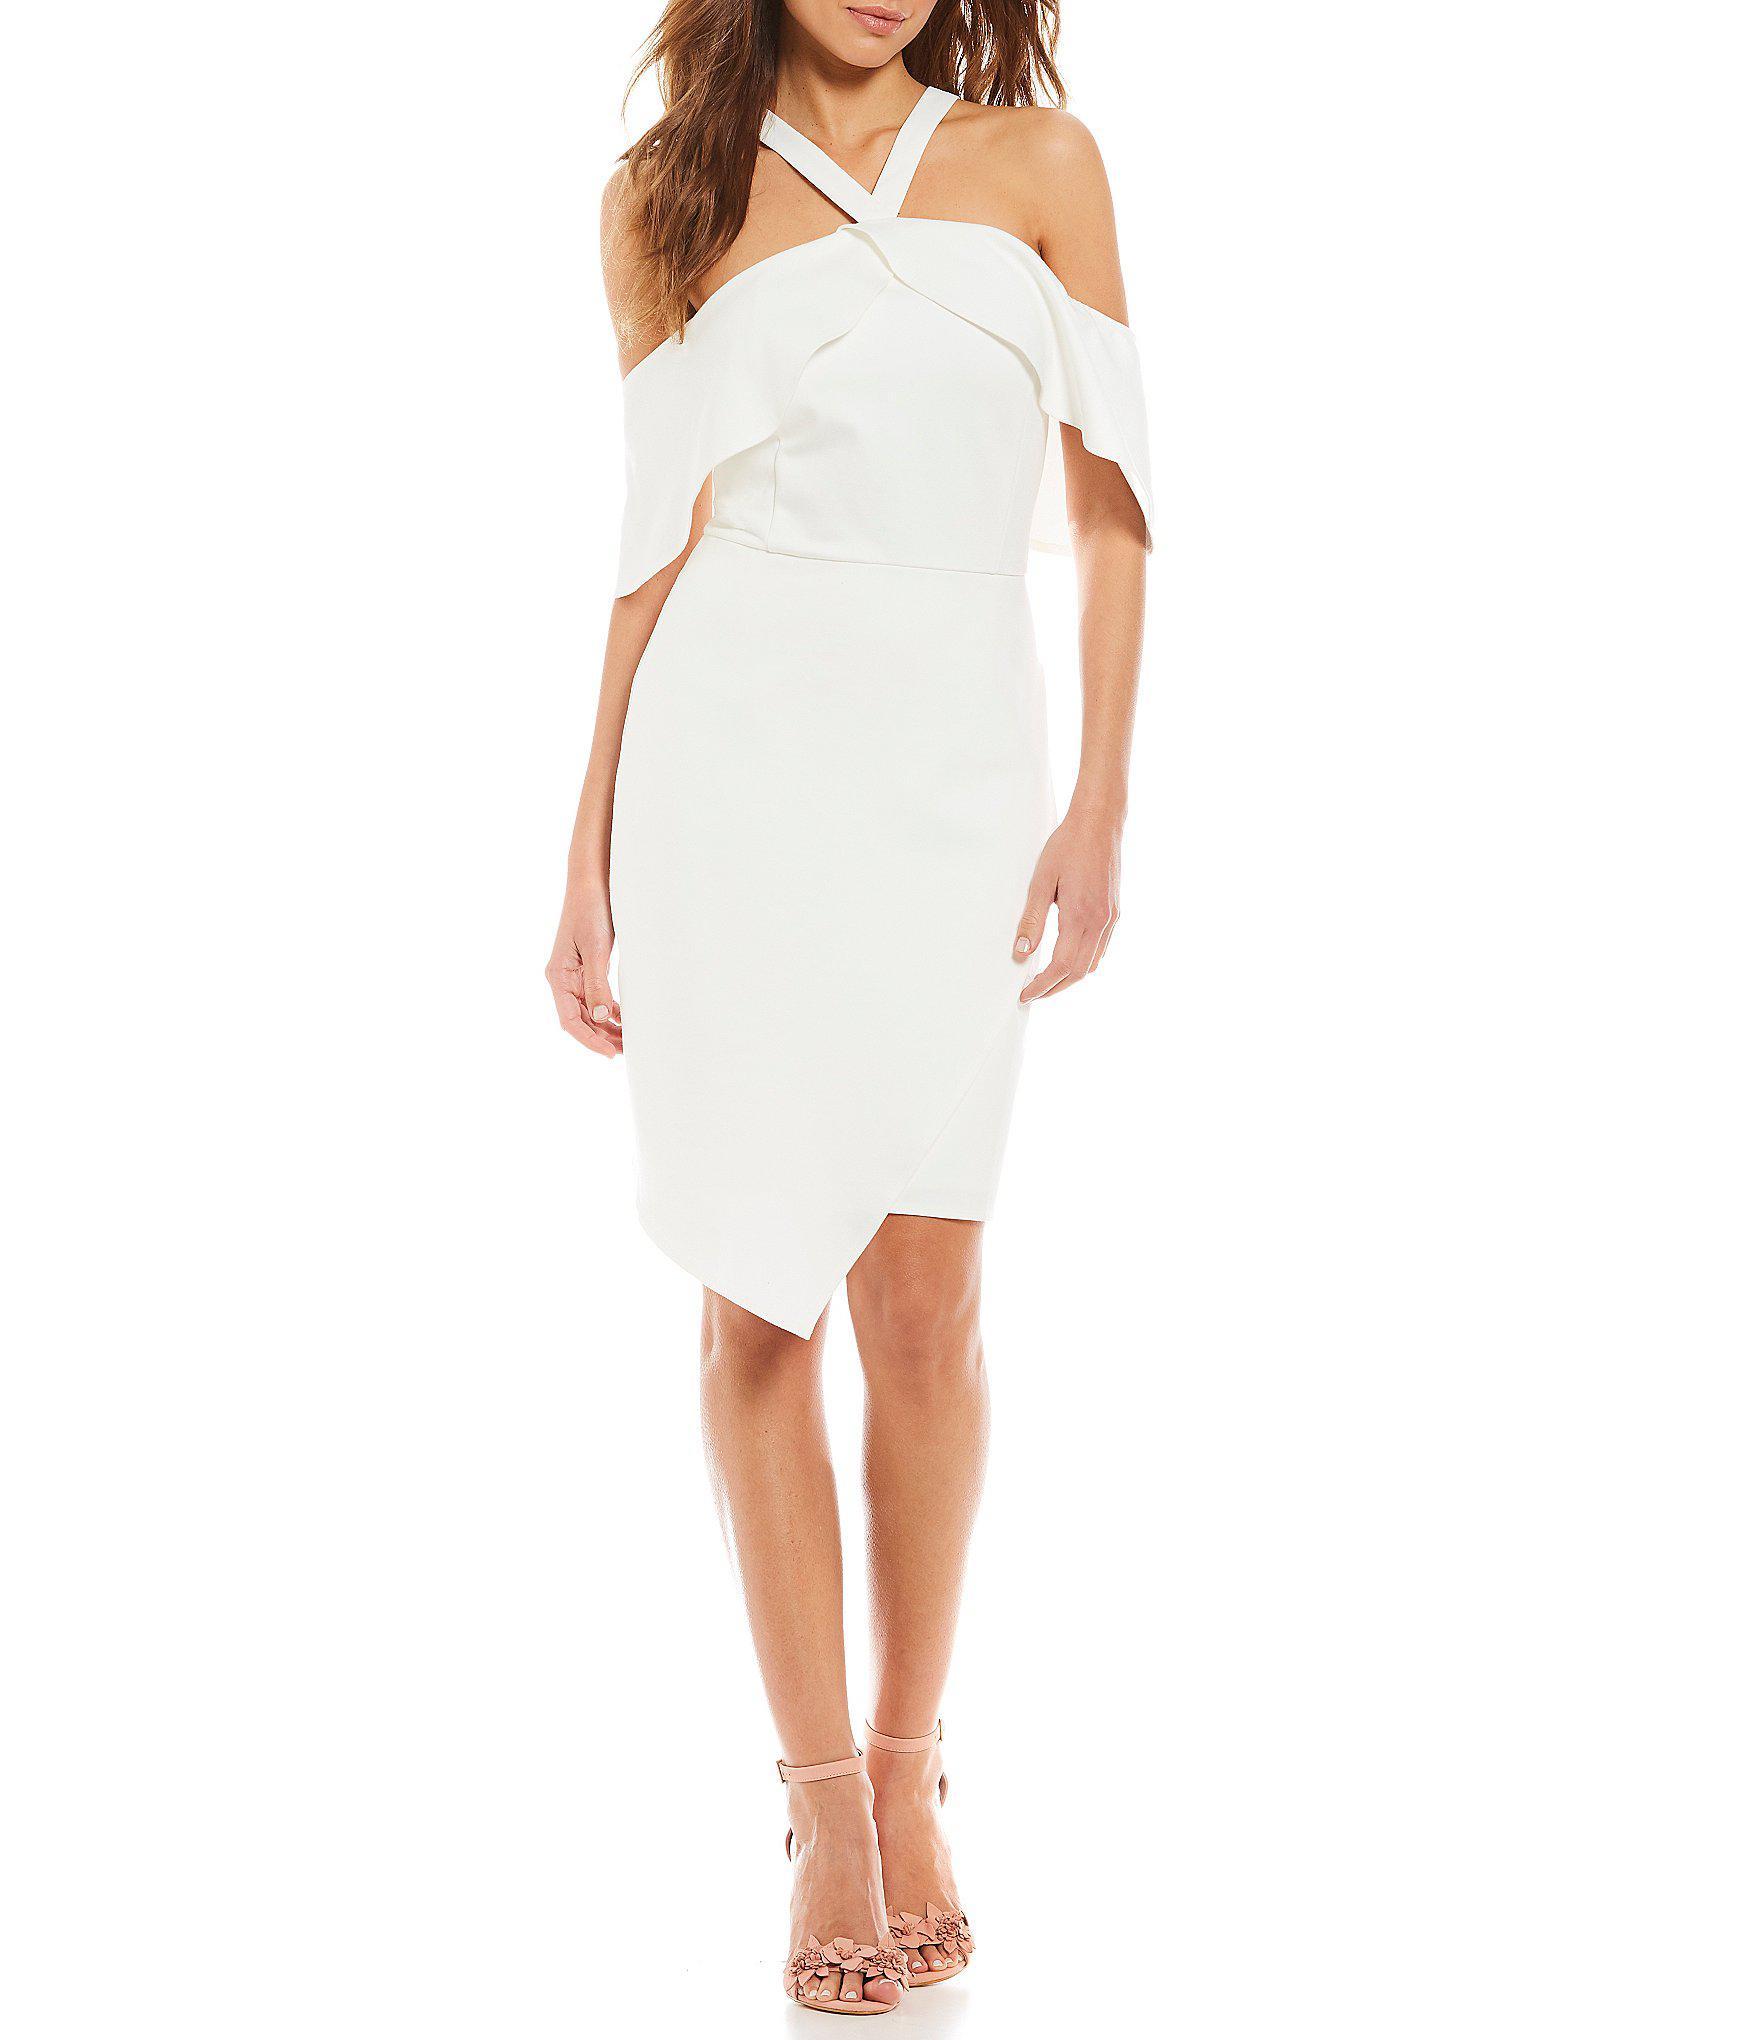 2c2a8a4be8 Gianni Bini Meg Ponte Asymmetrical Dress in White - Lyst